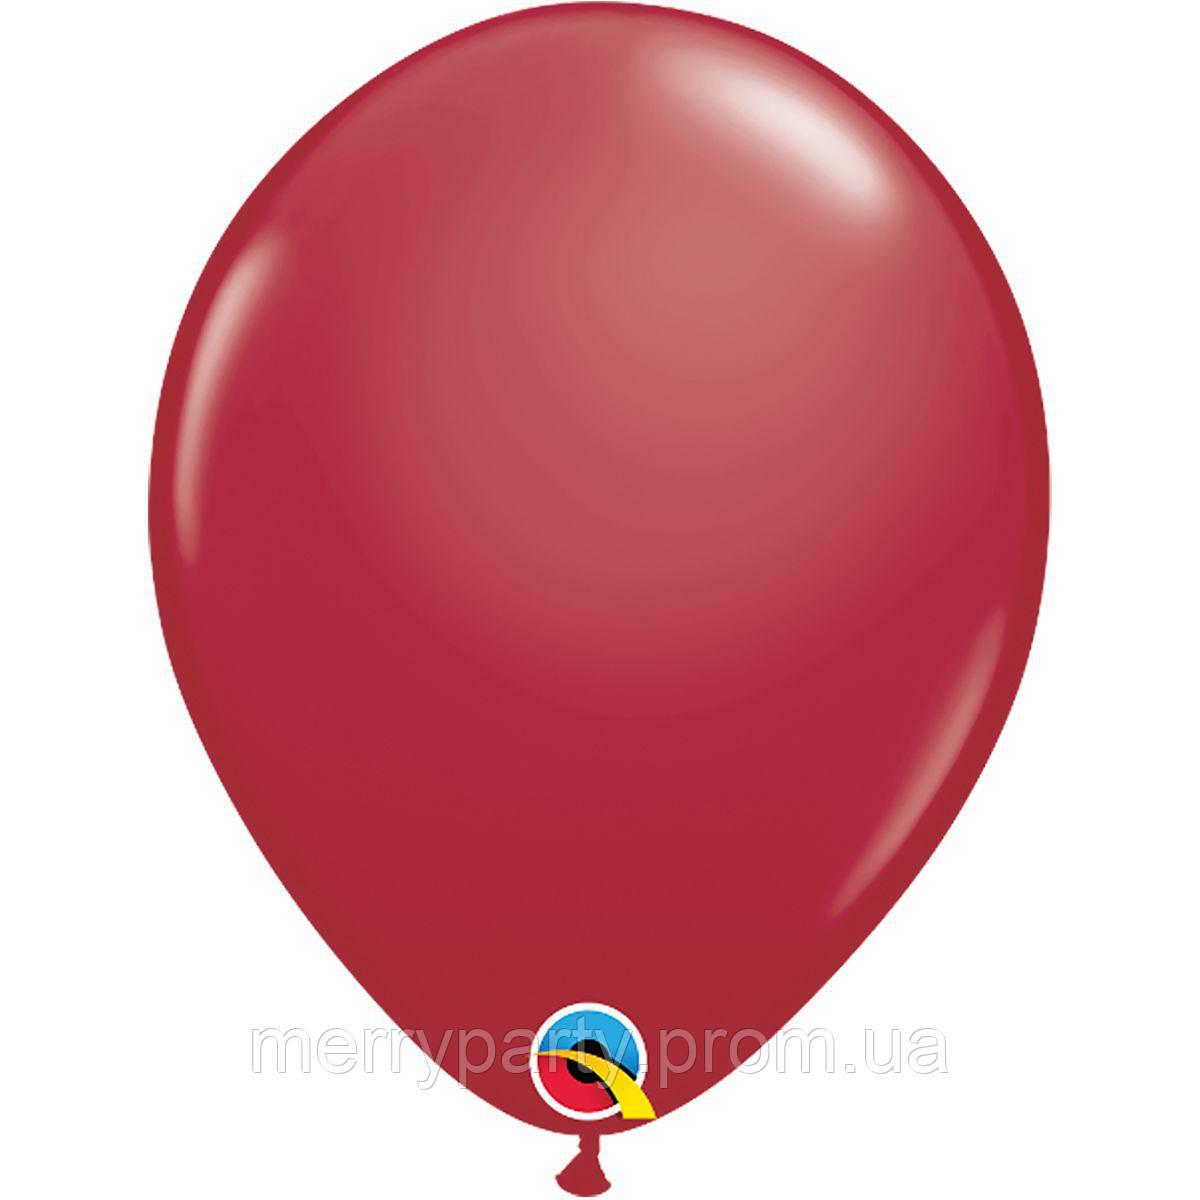 """11"""" (28 см) пастель бордовый Maroon Qualatex США латексный шар"""